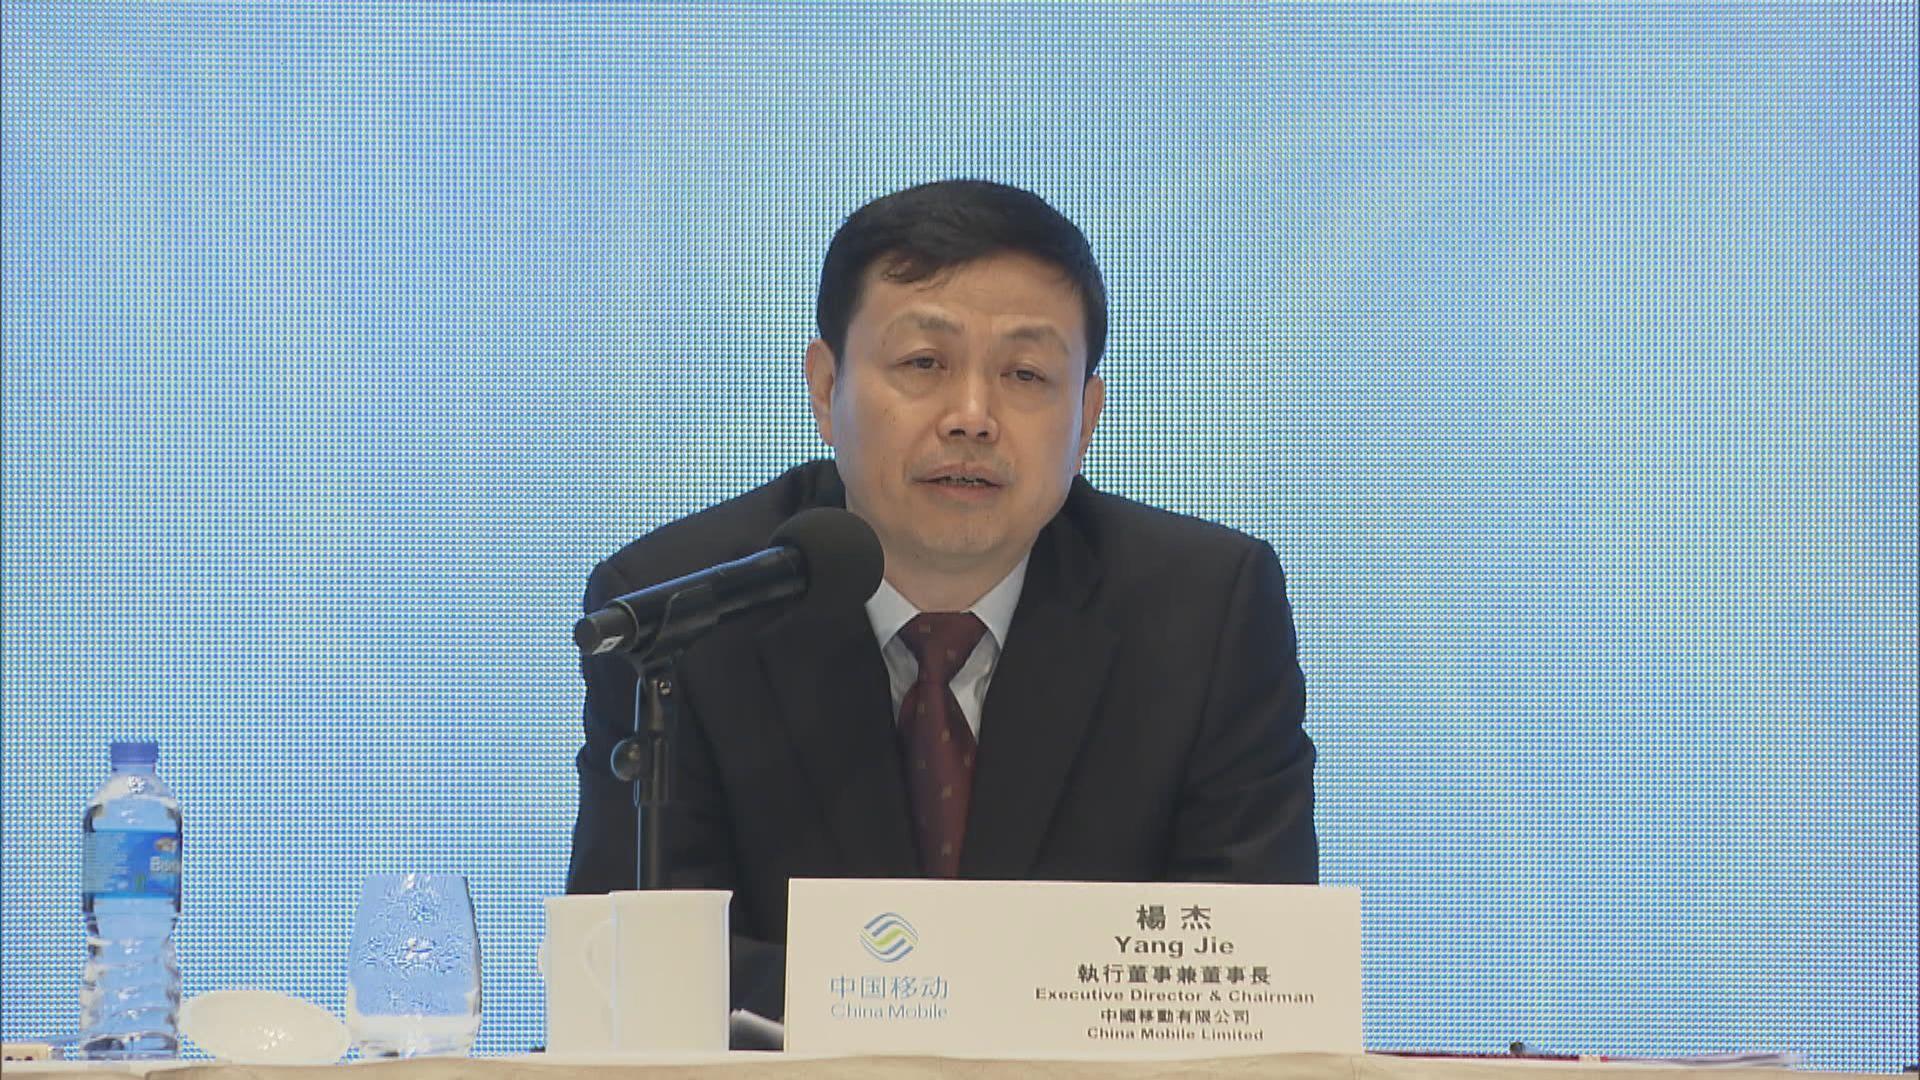 【中美貿易戰升級】中移:美封殺華為無礙5G發展